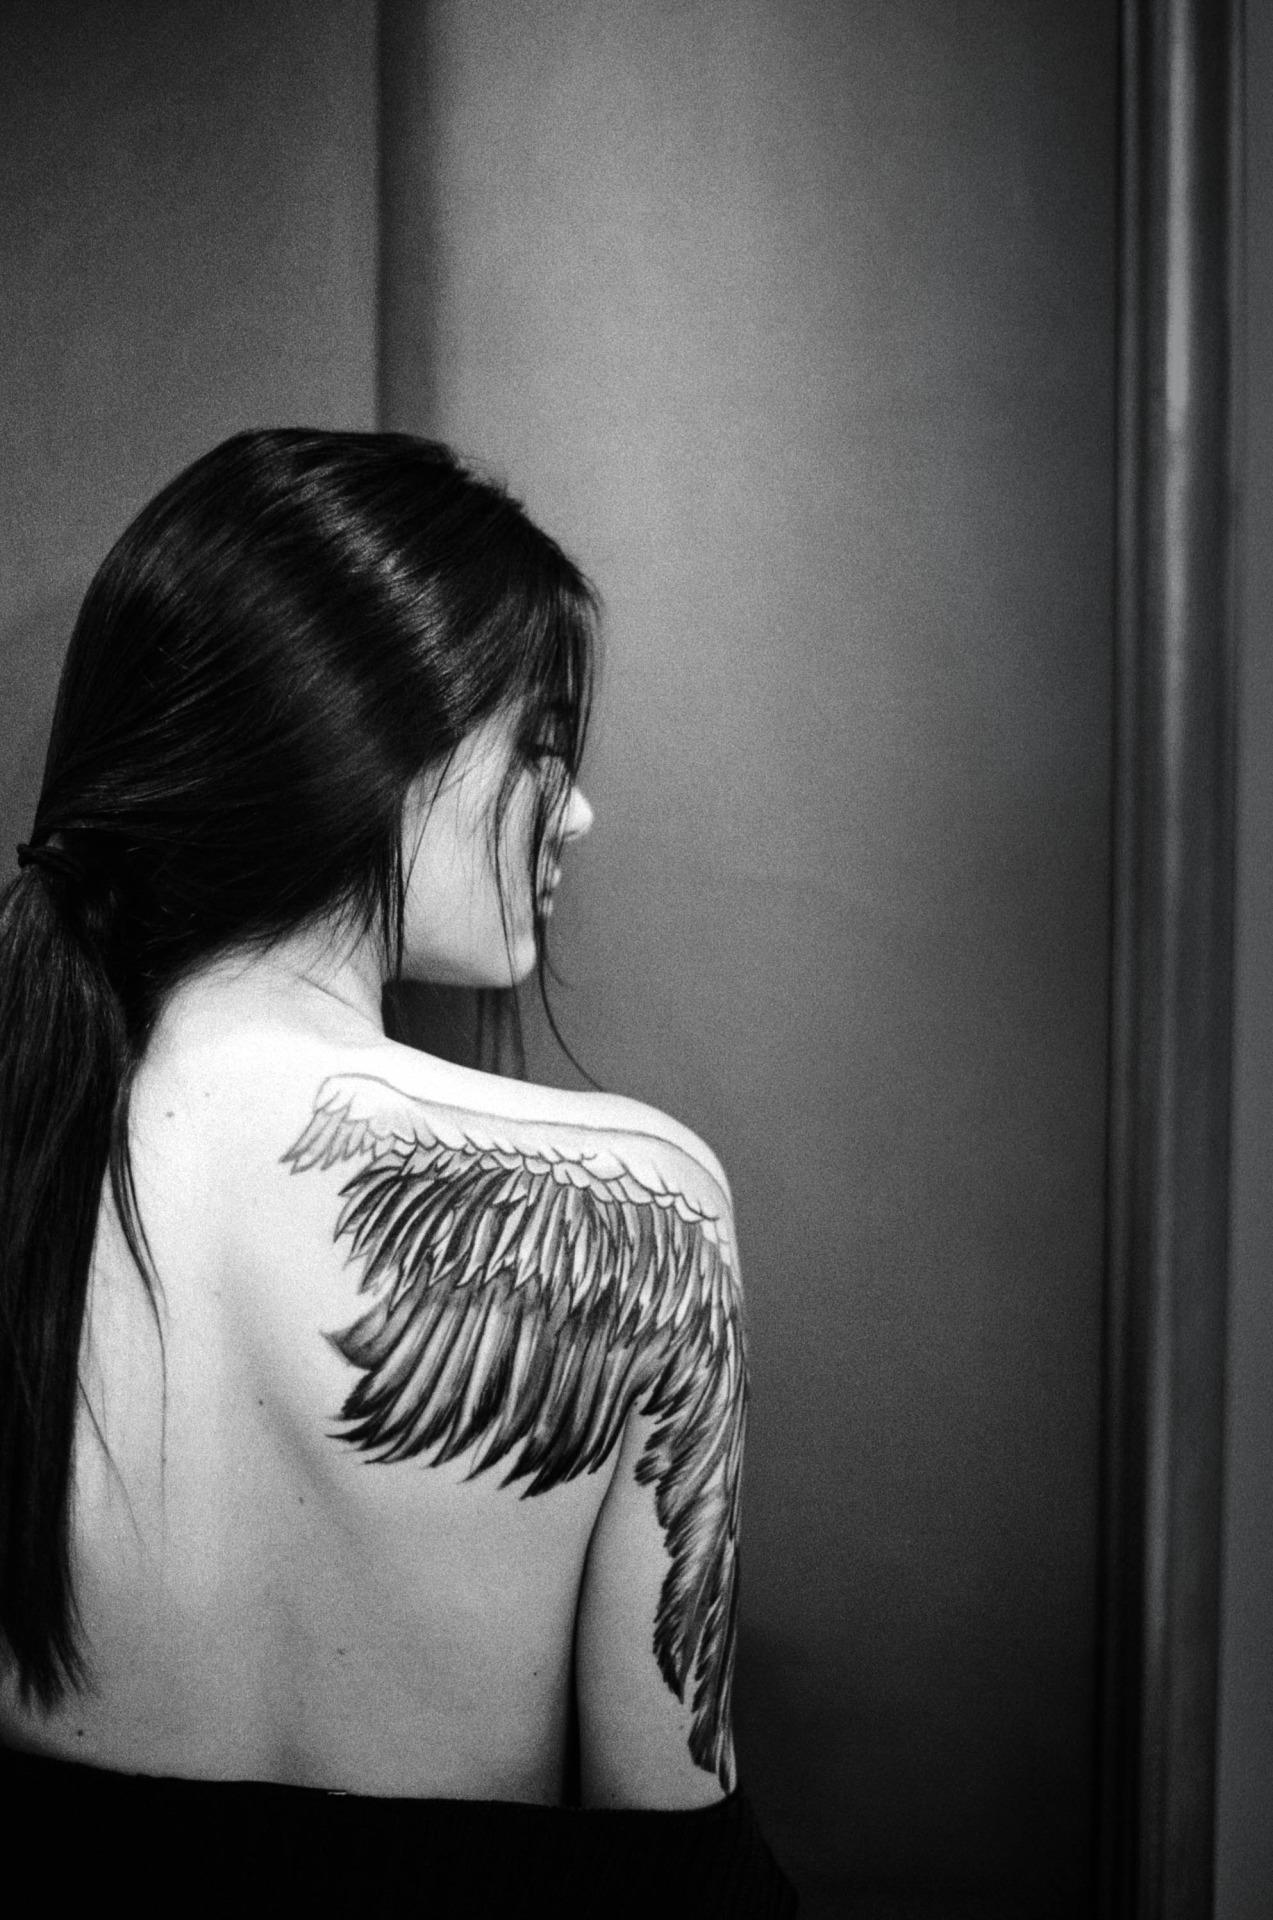 Татуировка одно крыло фото